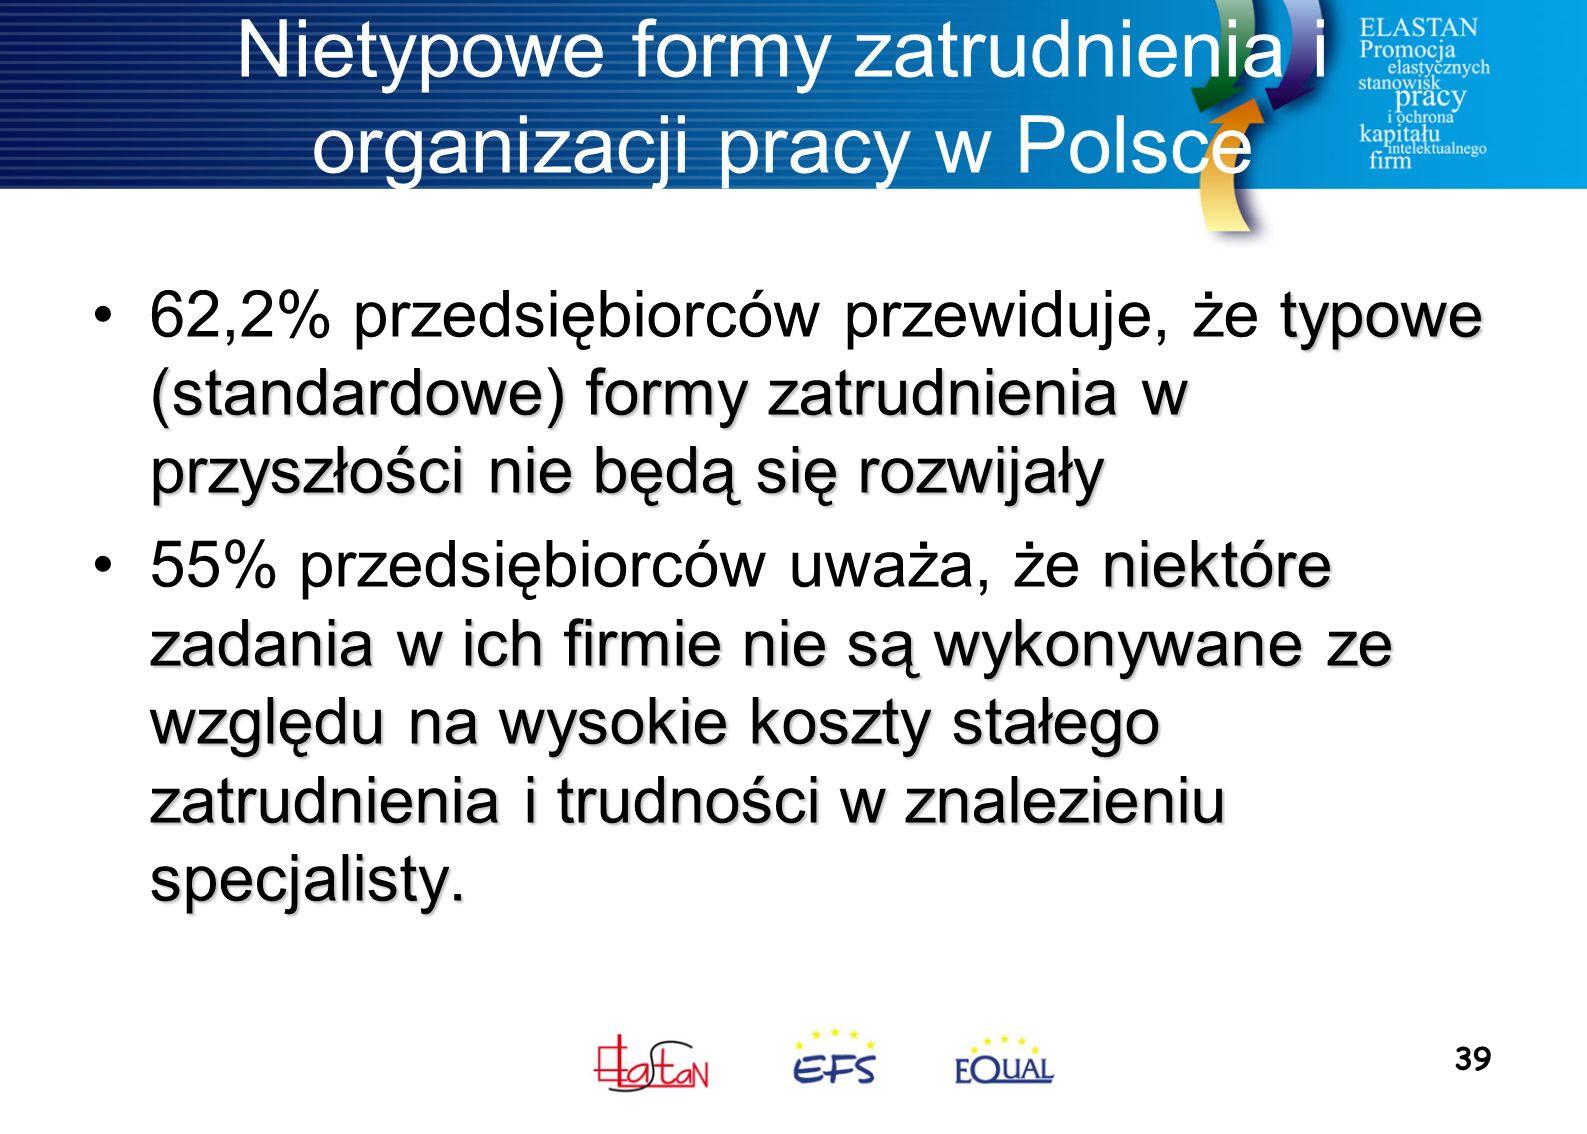 39 Nietypowe formy zatrudnienia i organizacji pracy w Polsce typowe (standardowe) formy zatrudnienia w przyszłości nie będą się rozwijały62,2% przedsiębiorców przewiduje, że typowe (standardowe) formy zatrudnienia w przyszłości nie będą się rozwijały niektóre zadania w ich firmie nie są wykonywane ze względu na wysokie koszty stałego zatrudnienia i trudności w znalezieniu specjalisty.55% przedsiębiorców uważa, że niektóre zadania w ich firmie nie są wykonywane ze względu na wysokie koszty stałego zatrudnienia i trudności w znalezieniu specjalisty.